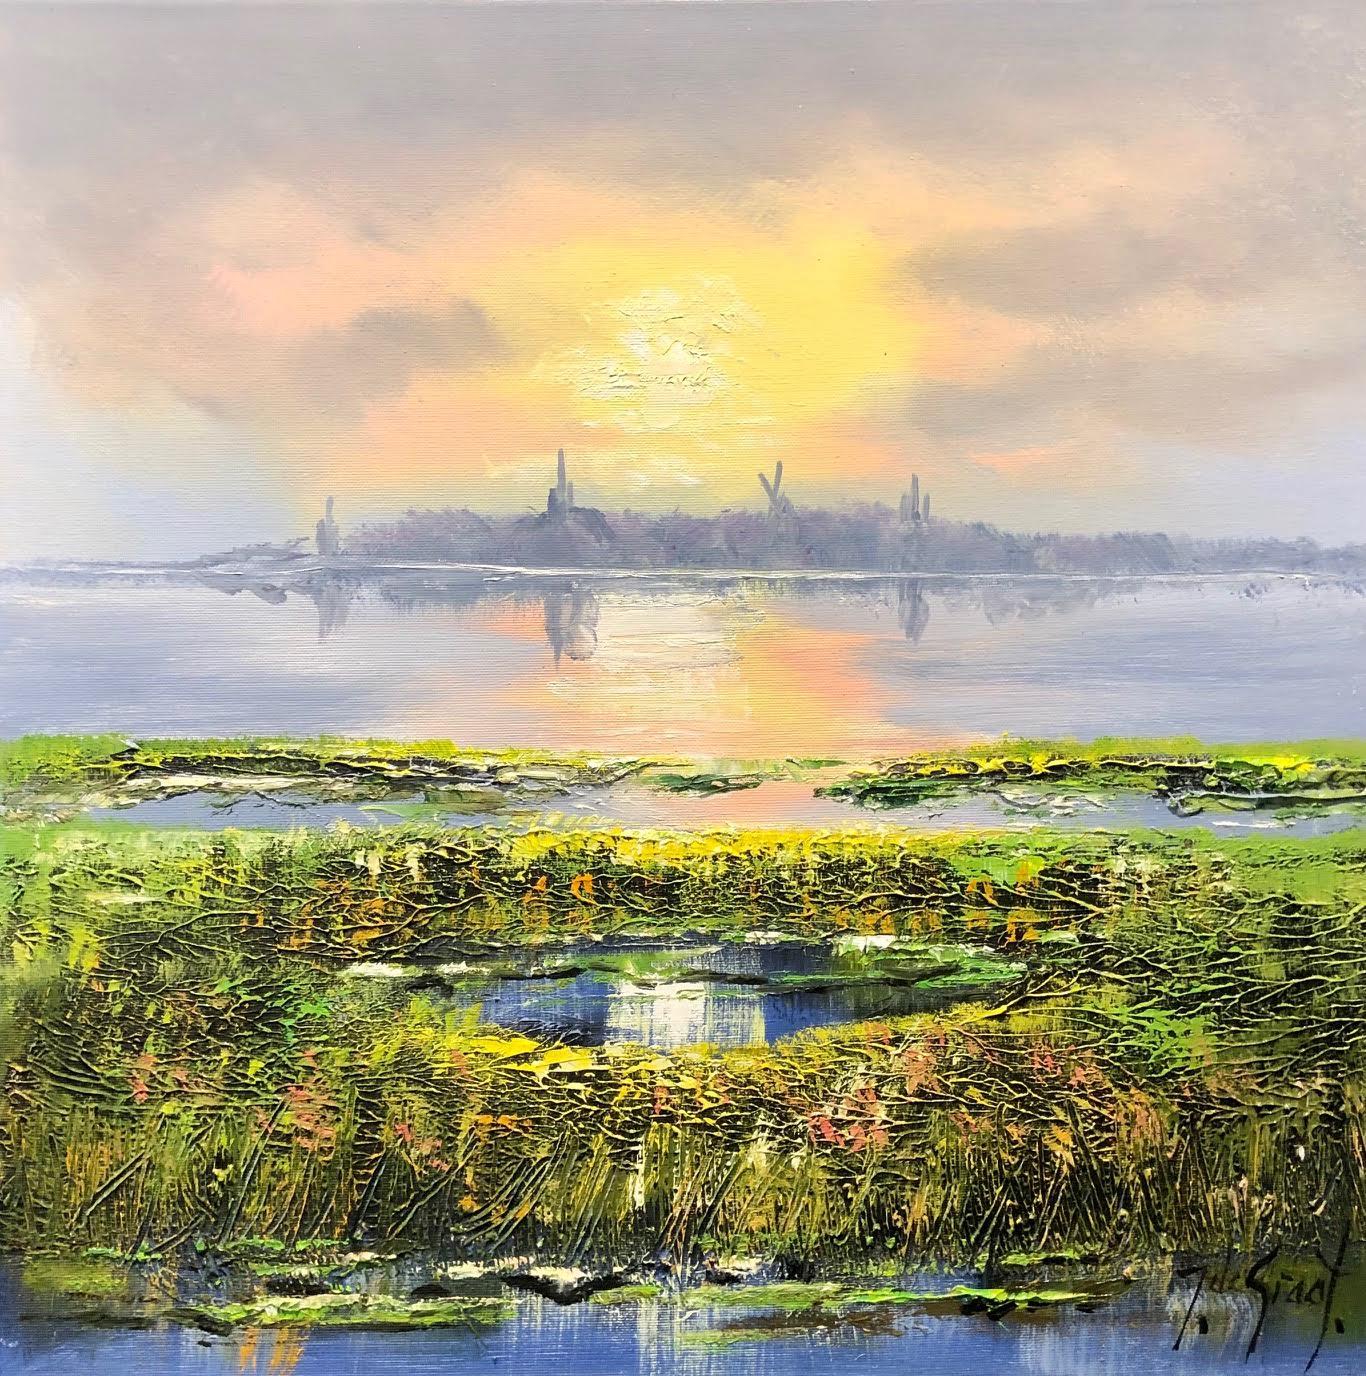 Jochem de Graaf schilderij 'Polder'